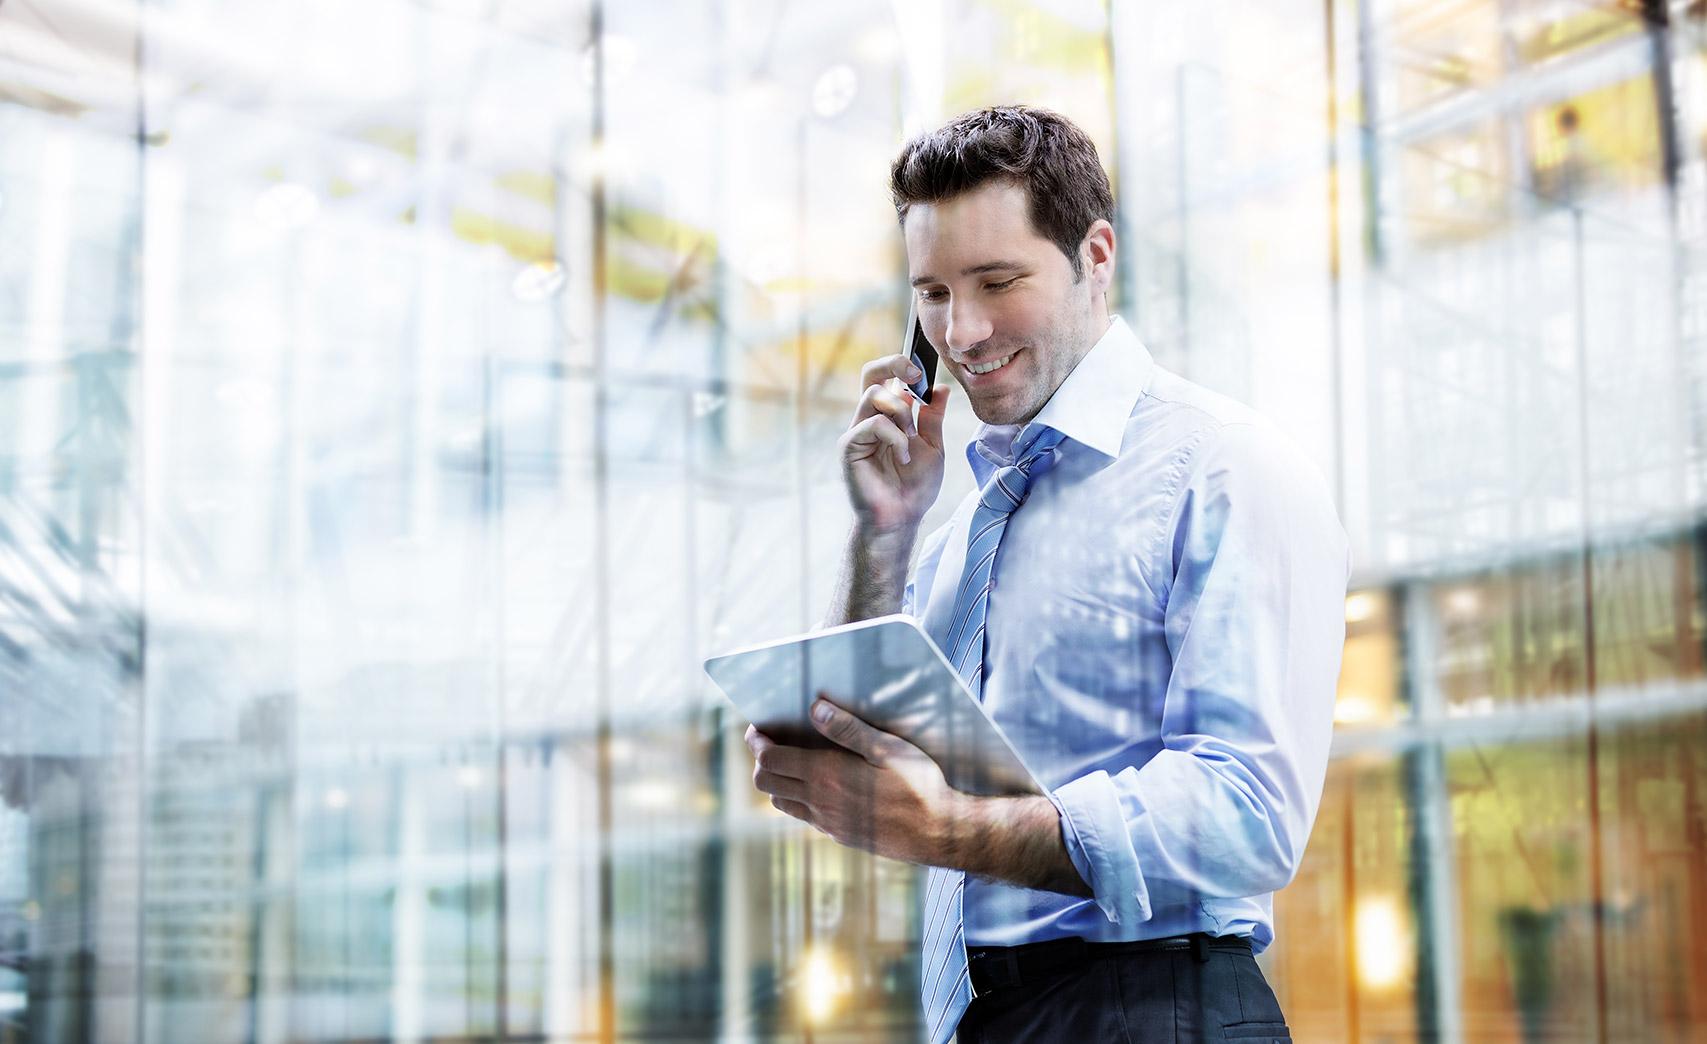 giovane processionista parla al telefono tenendo in mano un tablet.